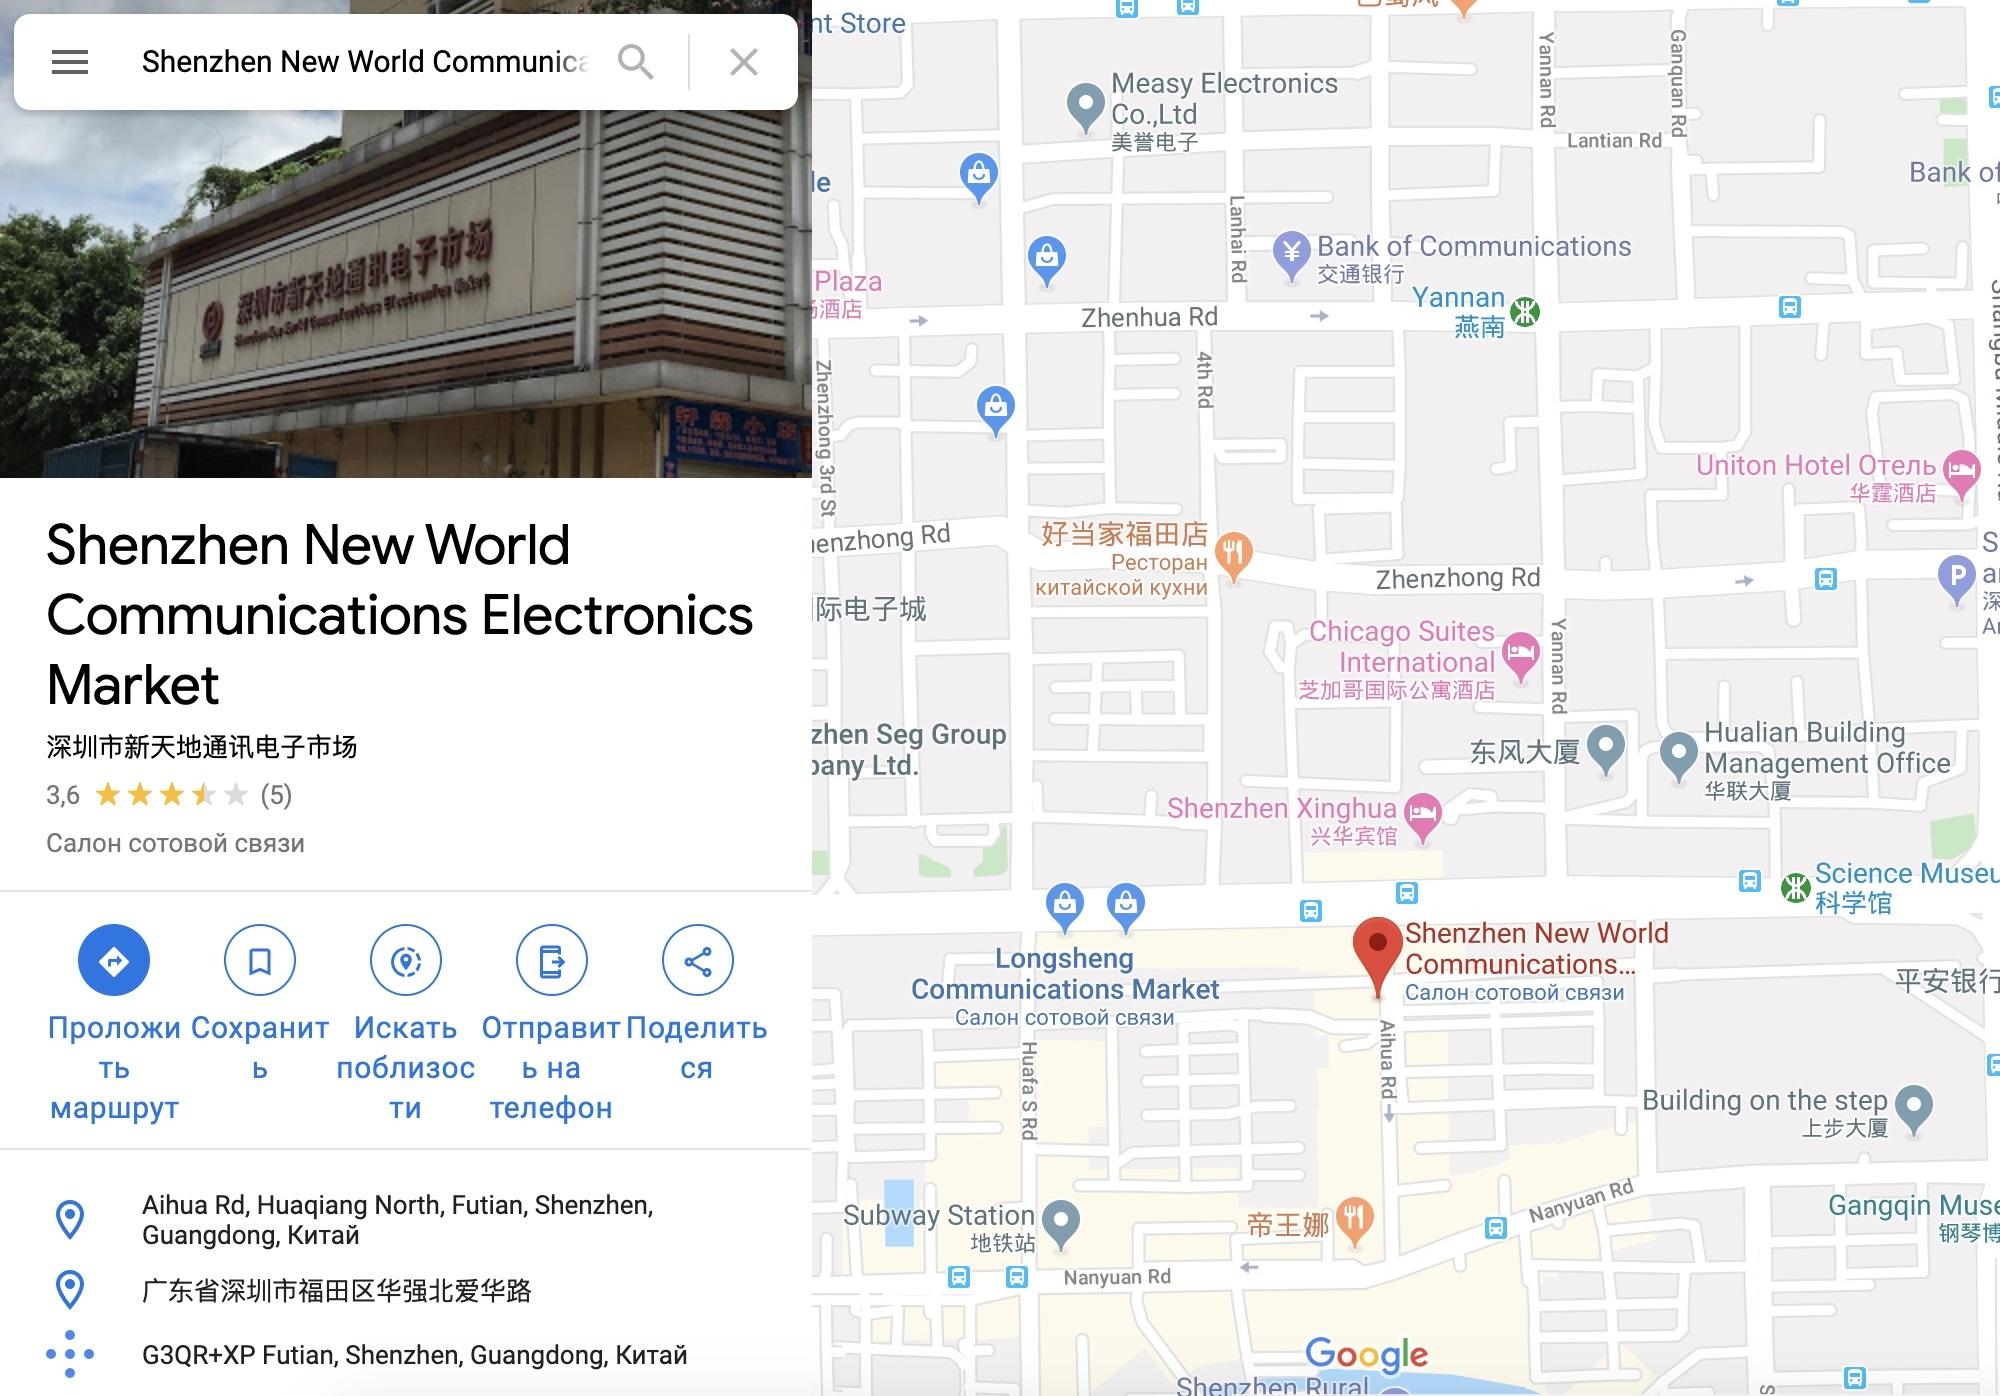 Найти Грязный рынок можно по такому запросу в гугл-картах